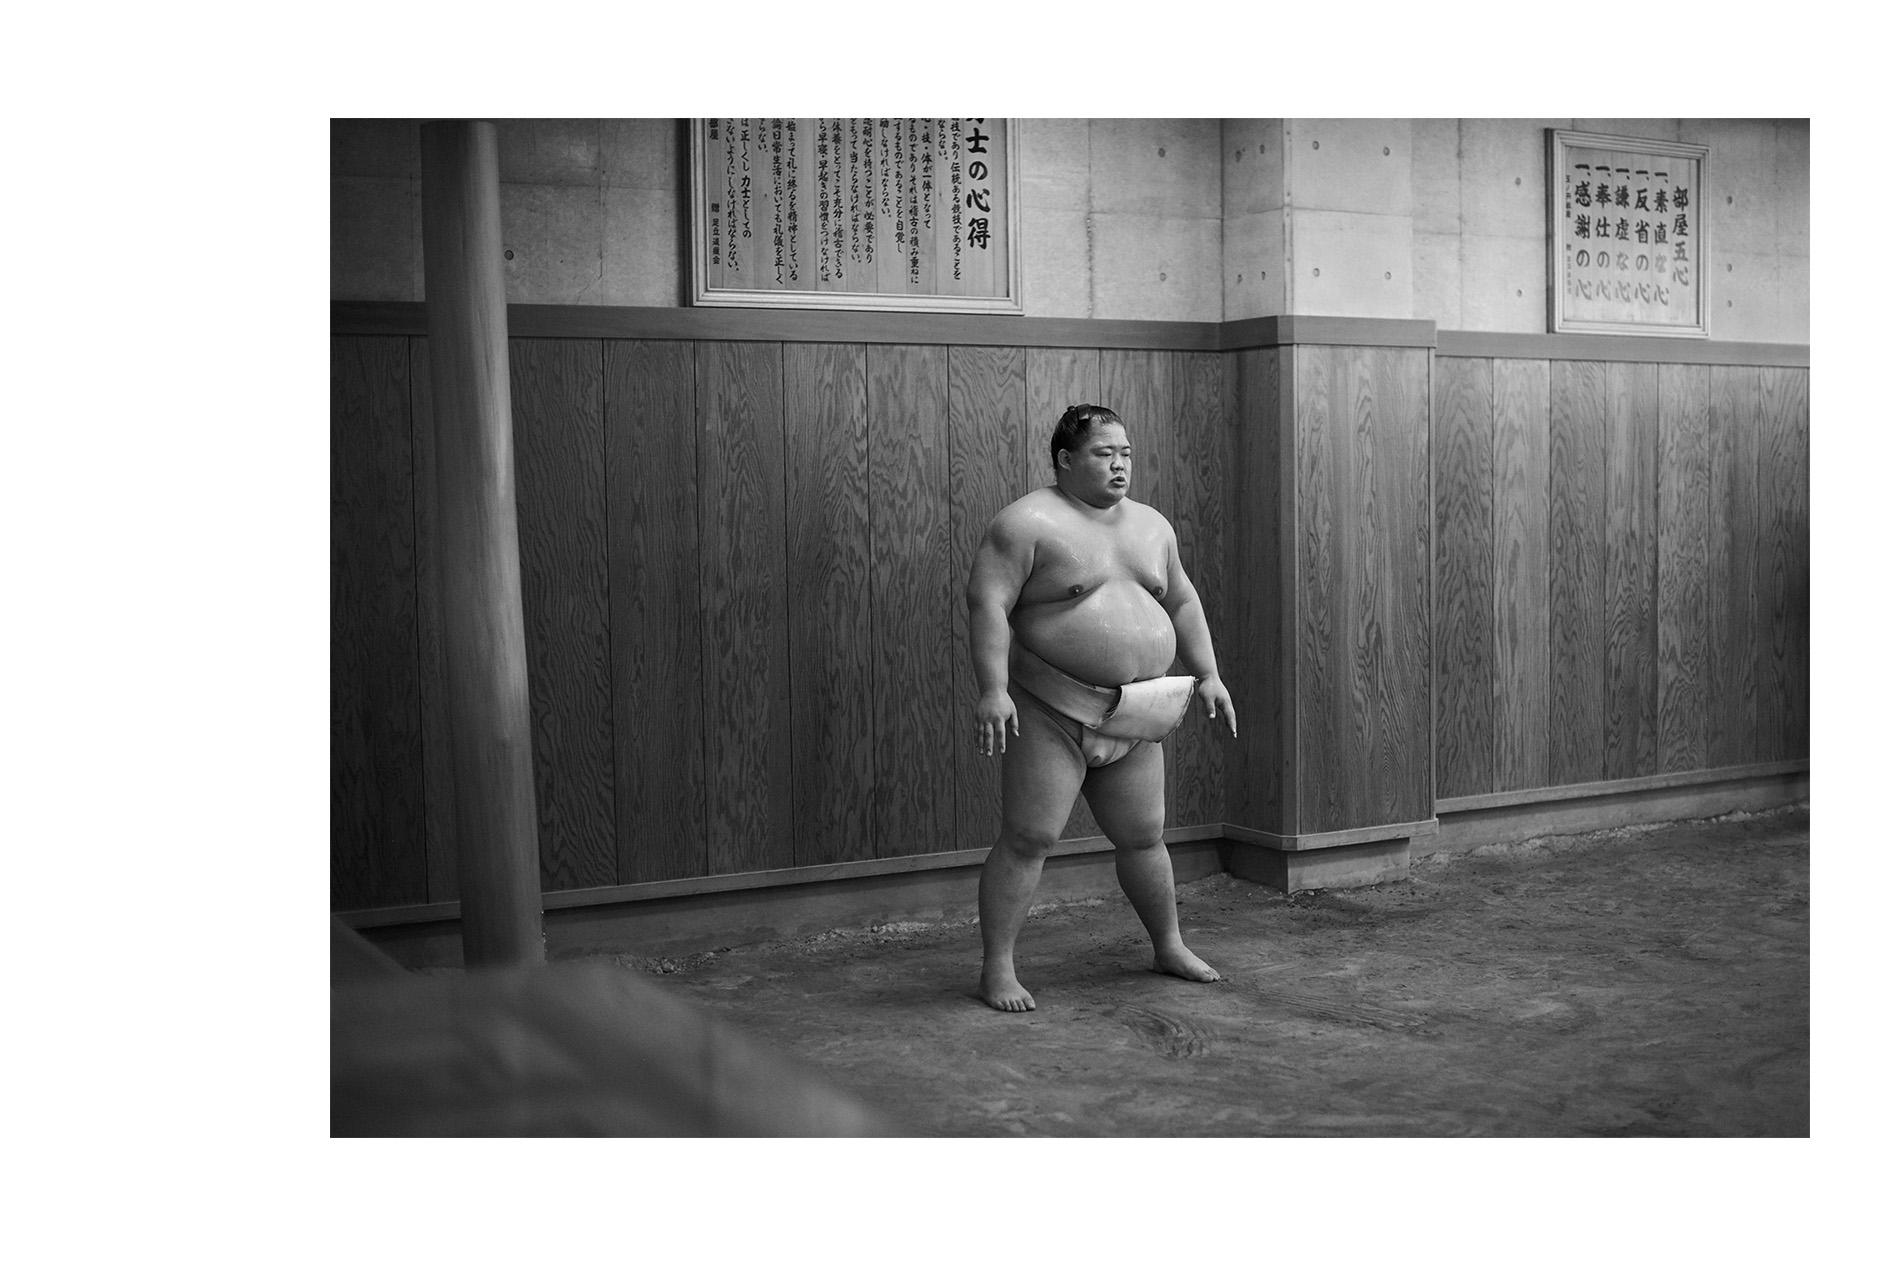 Sumo - 1 of 12